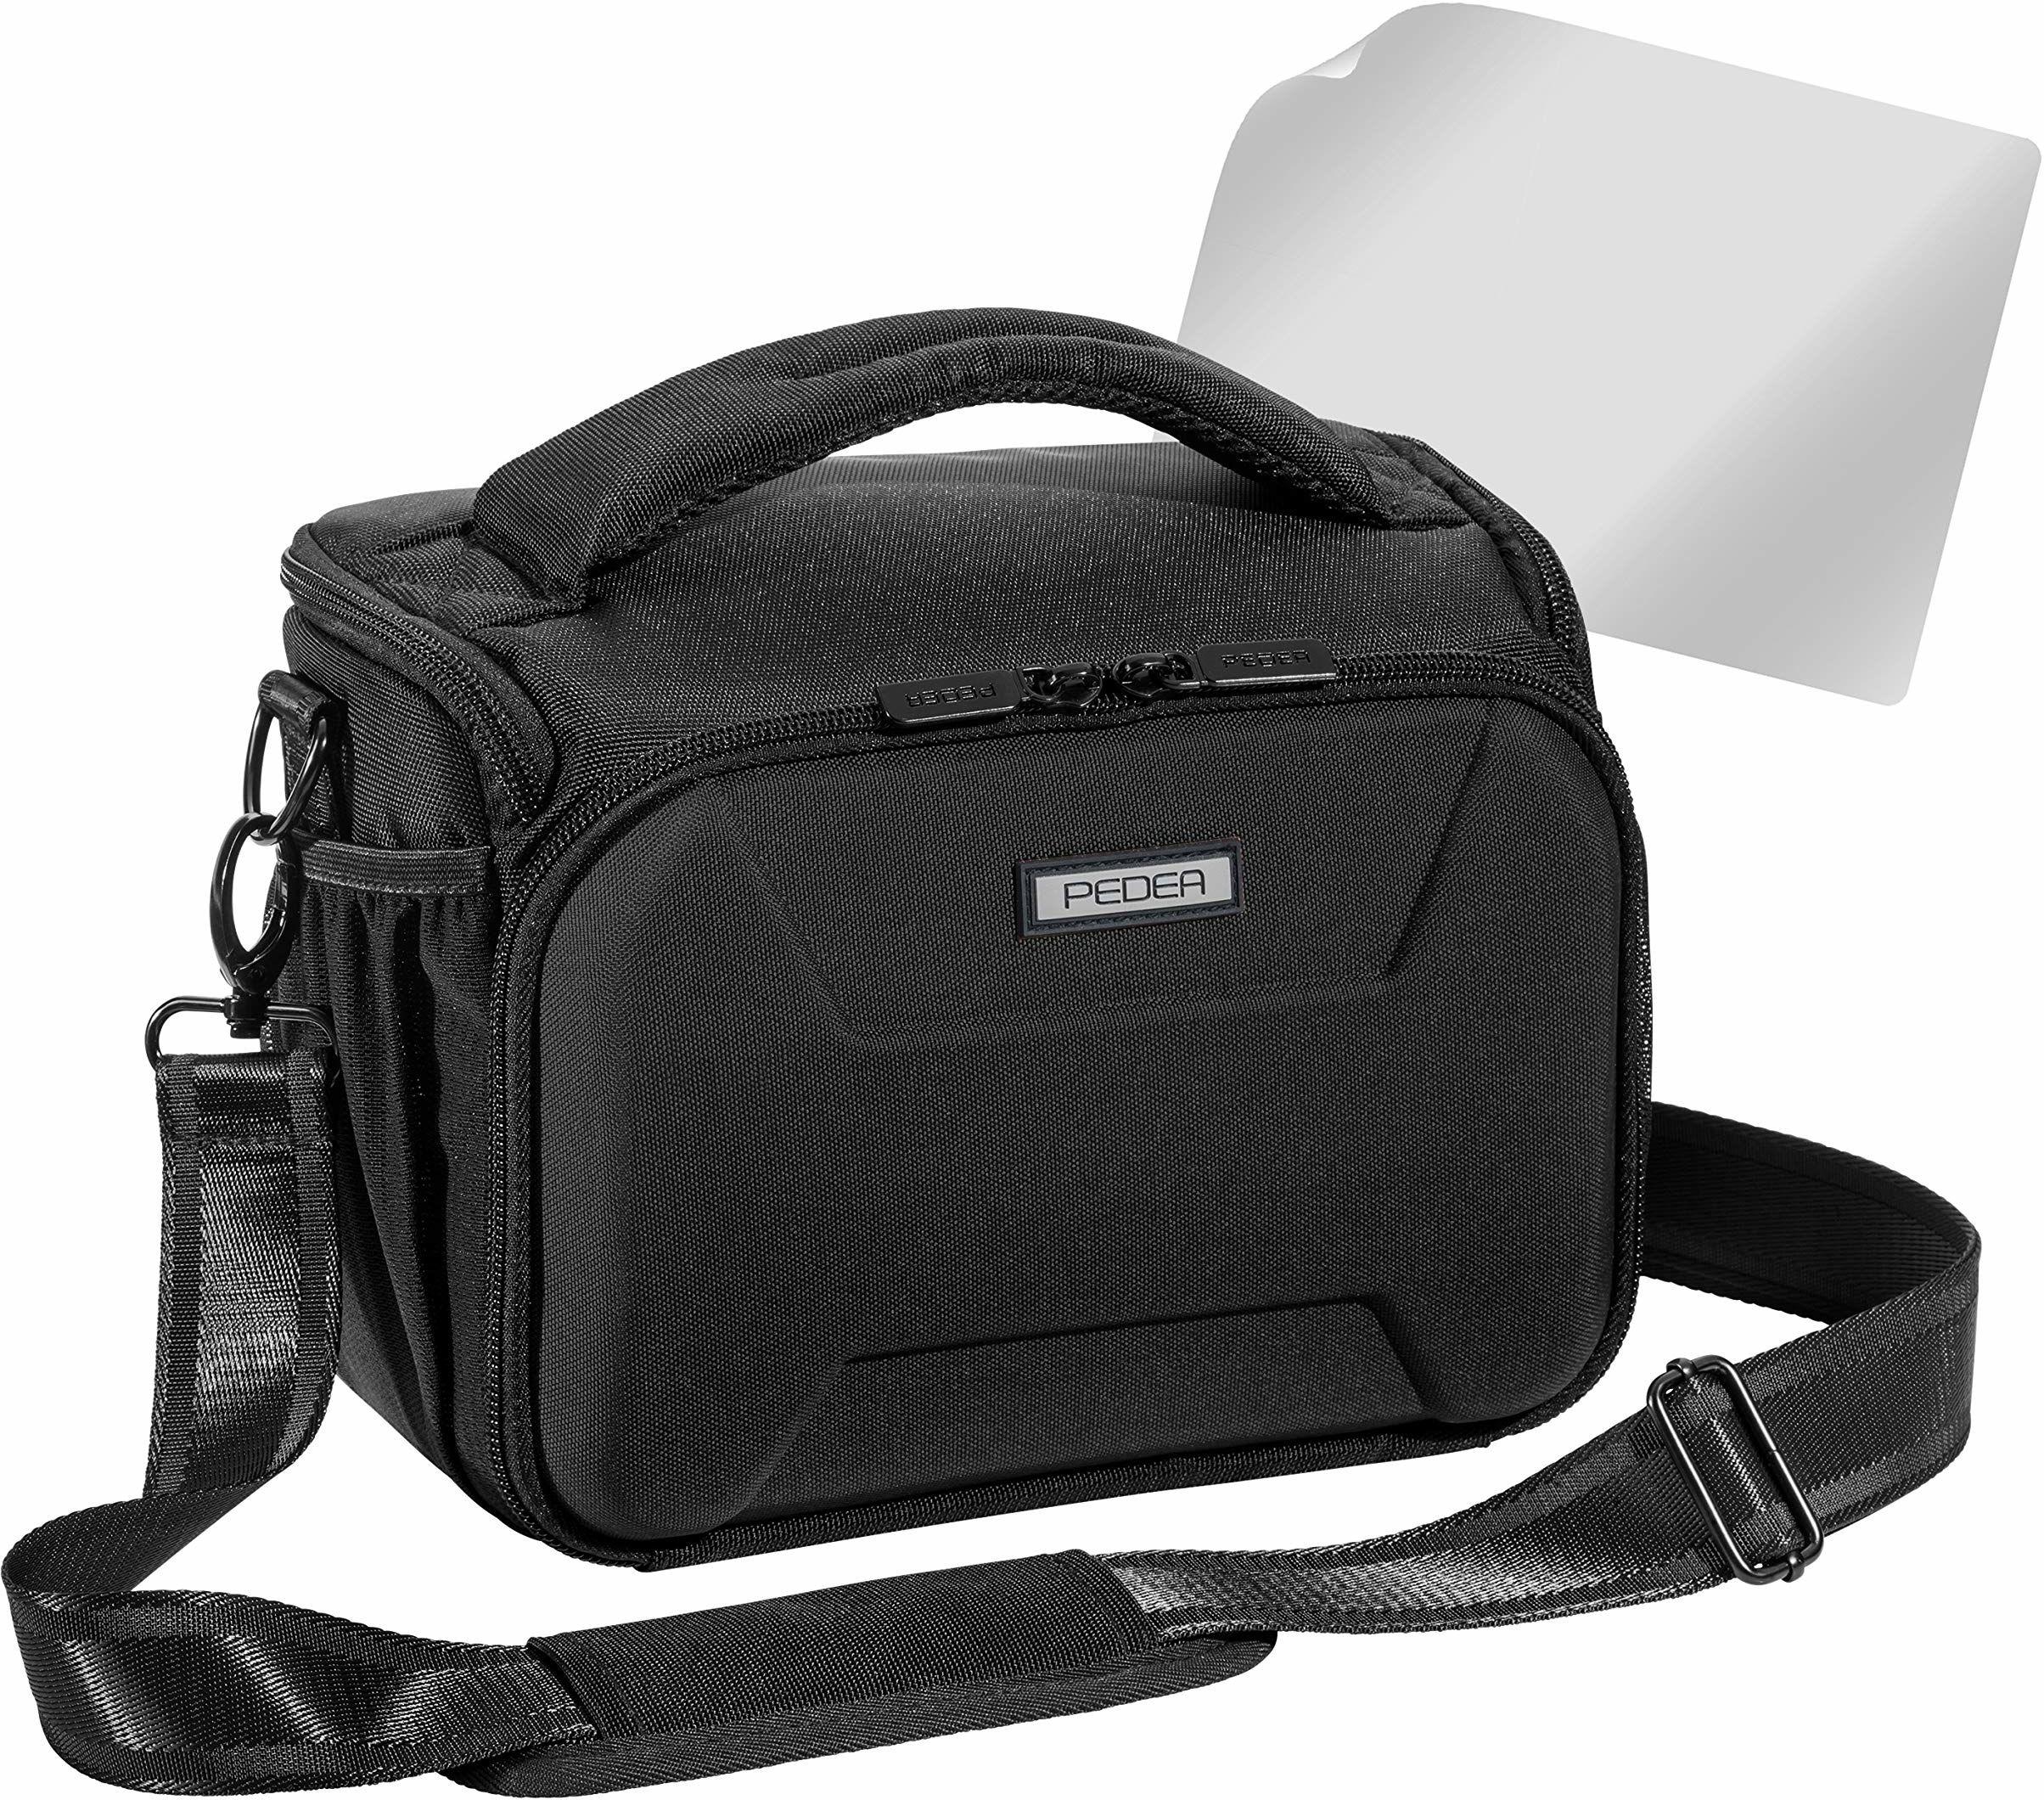 """PEDEA DSLR torba na aparat""""Guard"""" z folią ochronną na wyświetlacz do Canon EOS 5D Mark II 400D 2000D / Nikon D60 D80 D90 D3100 D3200 D3300 D3400 D5300 D7100 / Pentax K 50 K 500, Rozmiar XL czarny"""